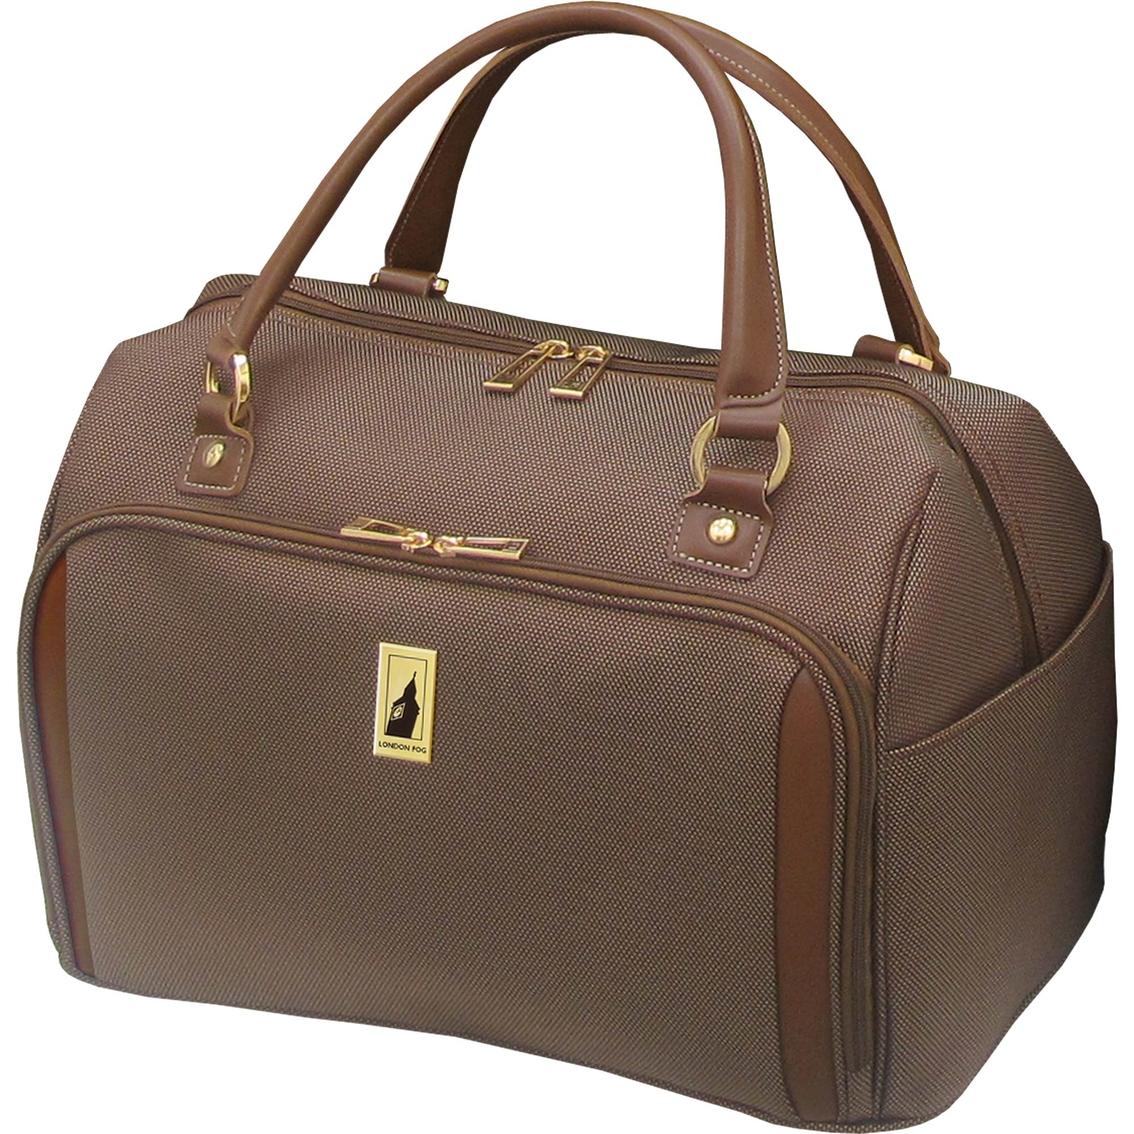 london fog kensington 17 in deluxe cabin bag bronze - London Fog Luggage